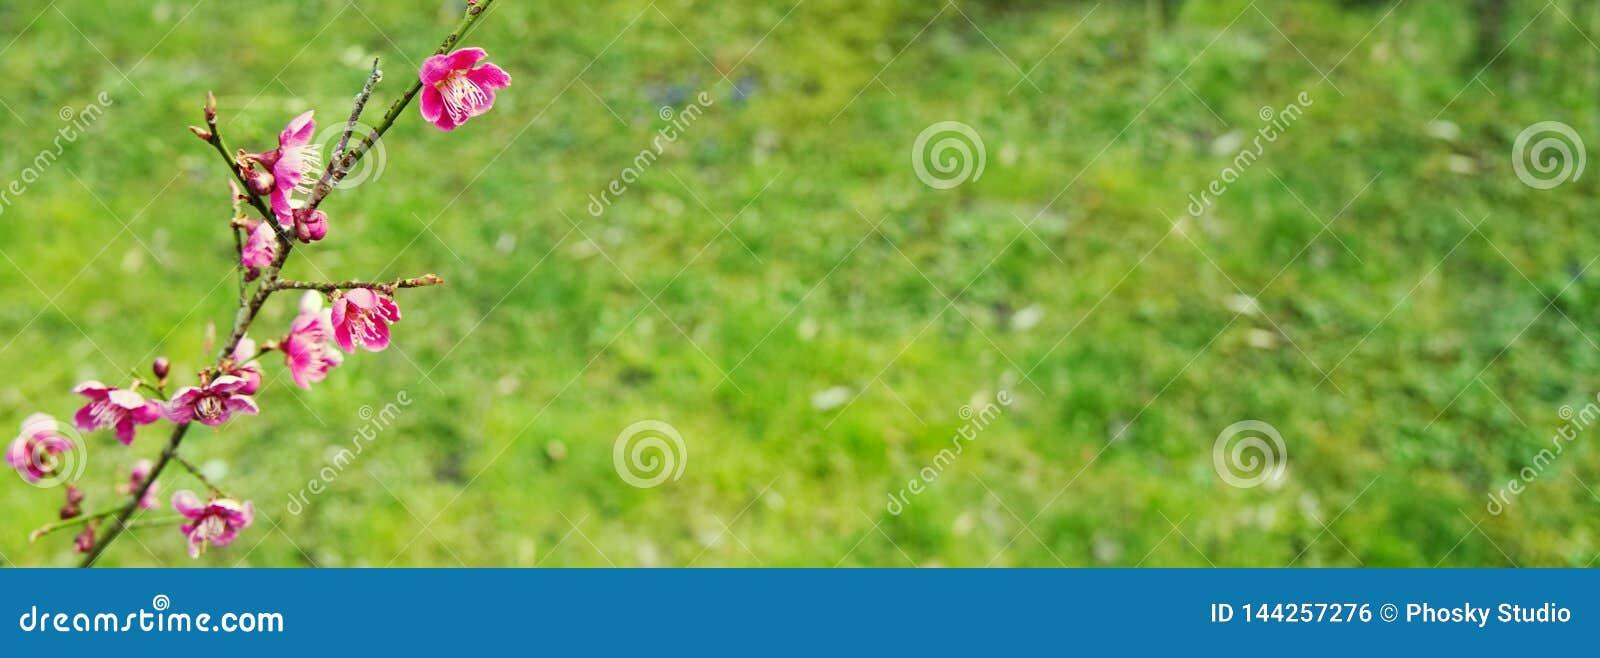 Fleurs roses sur un fond d herbe